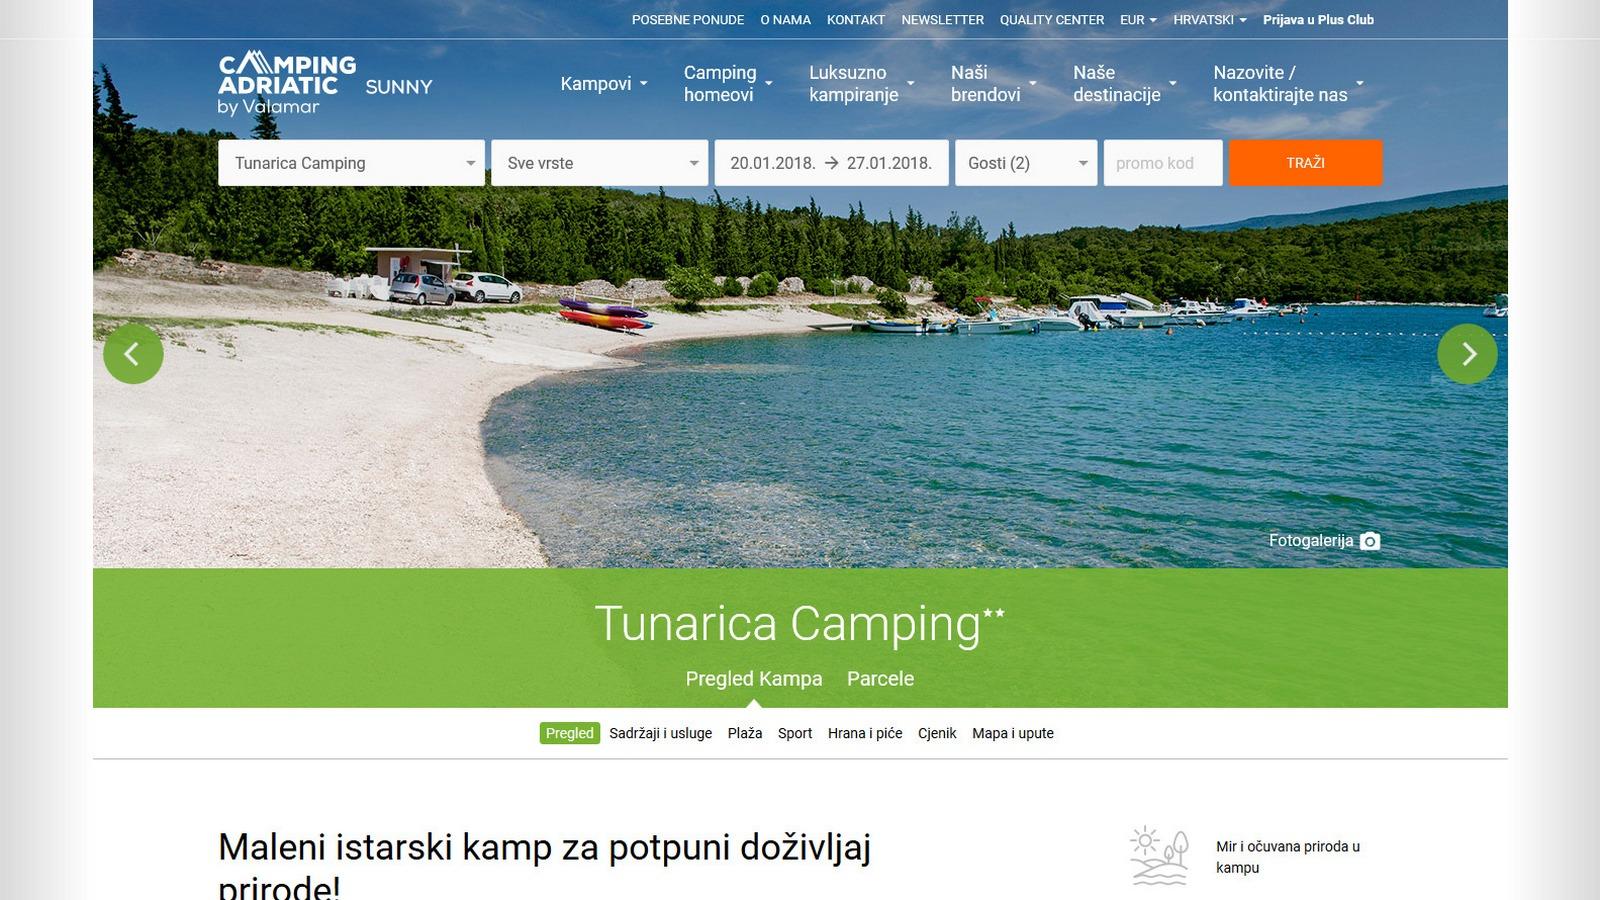 Kamp Tunarica